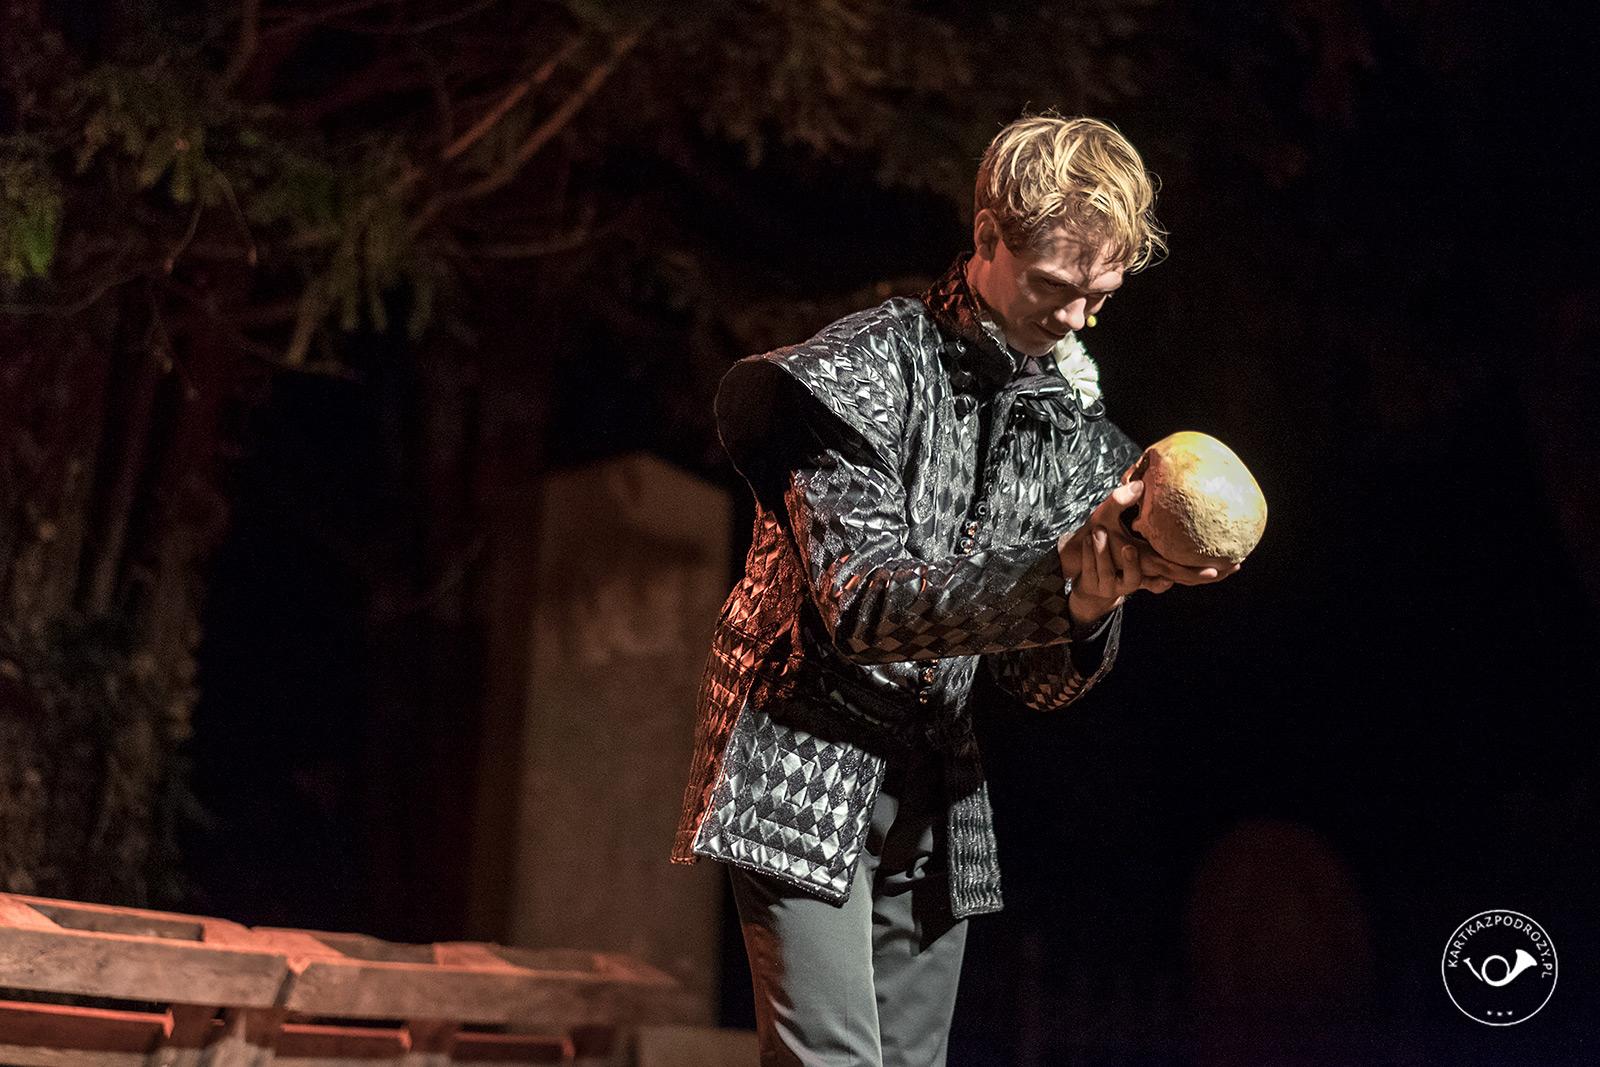 Szekspir na cmentarzu